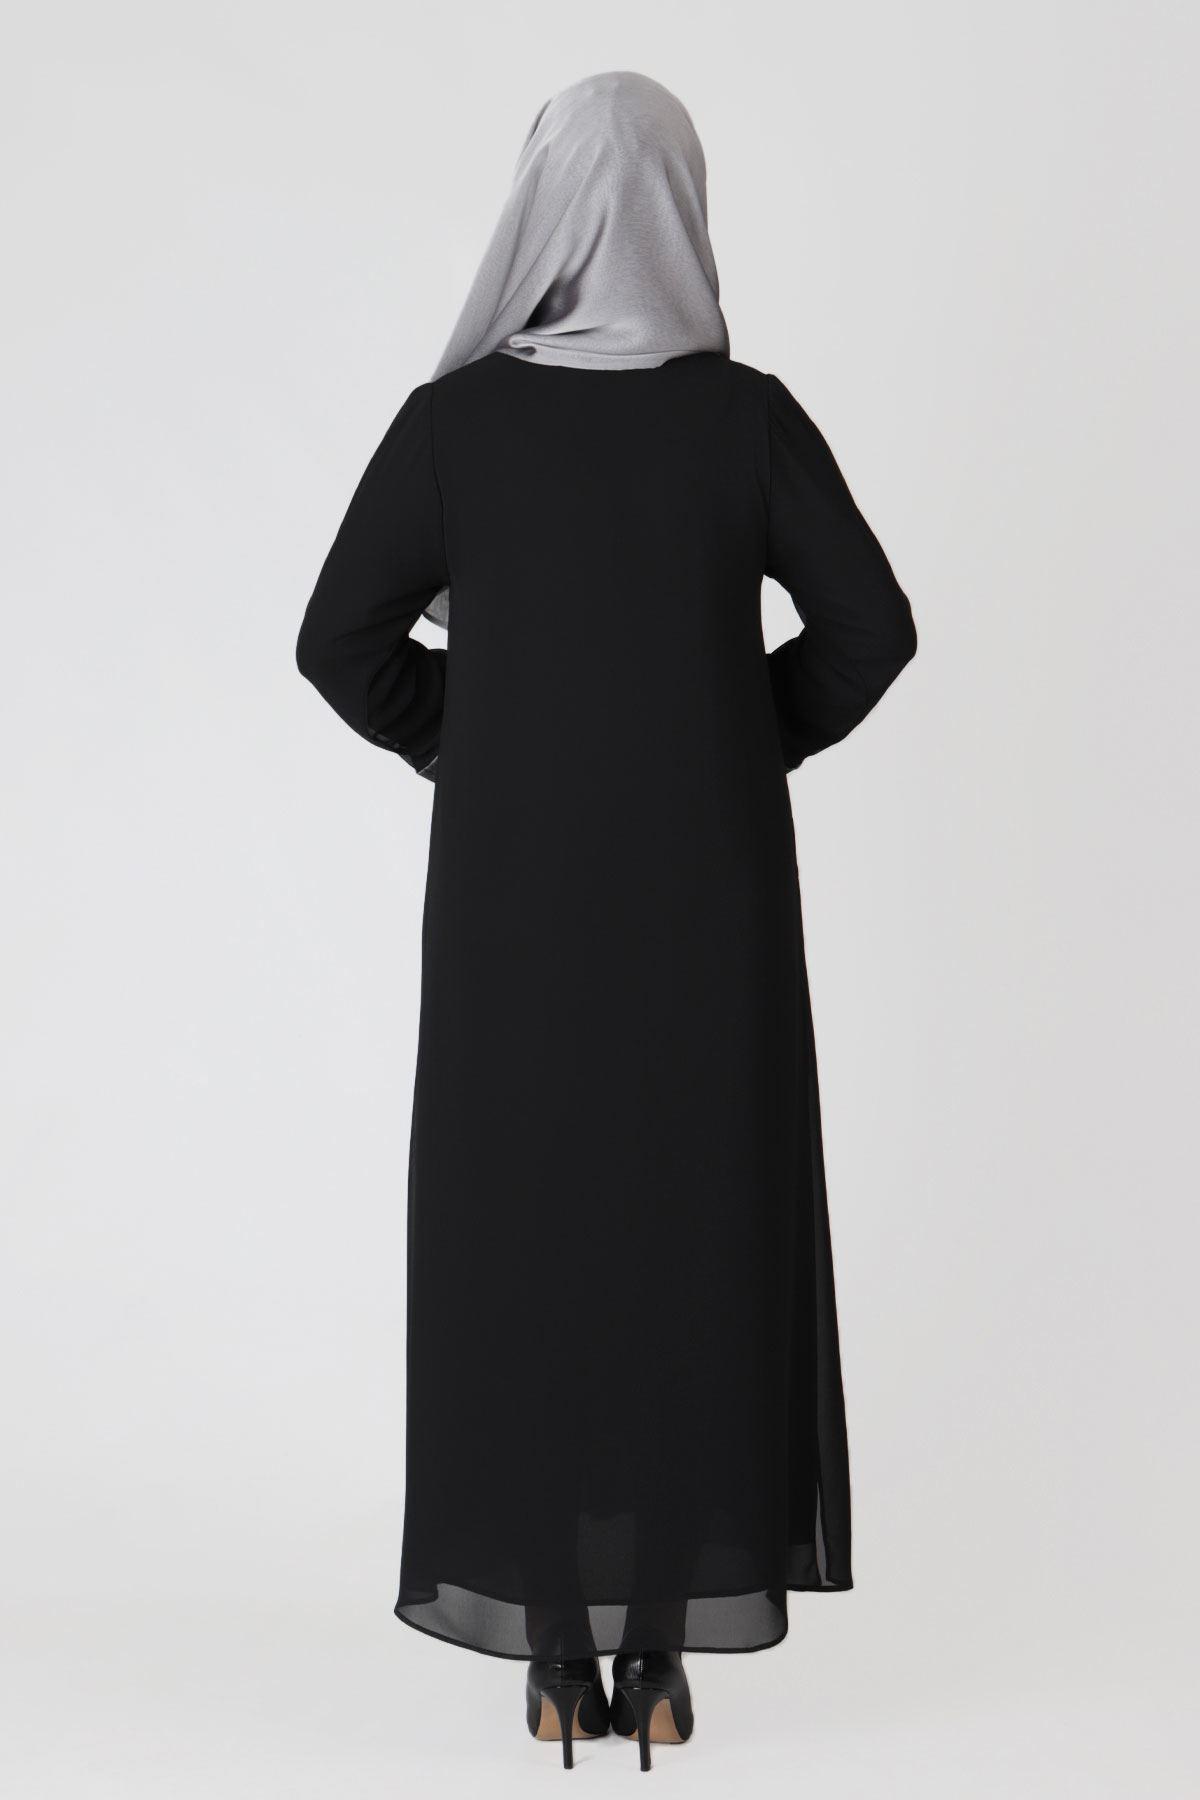 Büyük Beden Tesettür Abaya 65002 Siyah